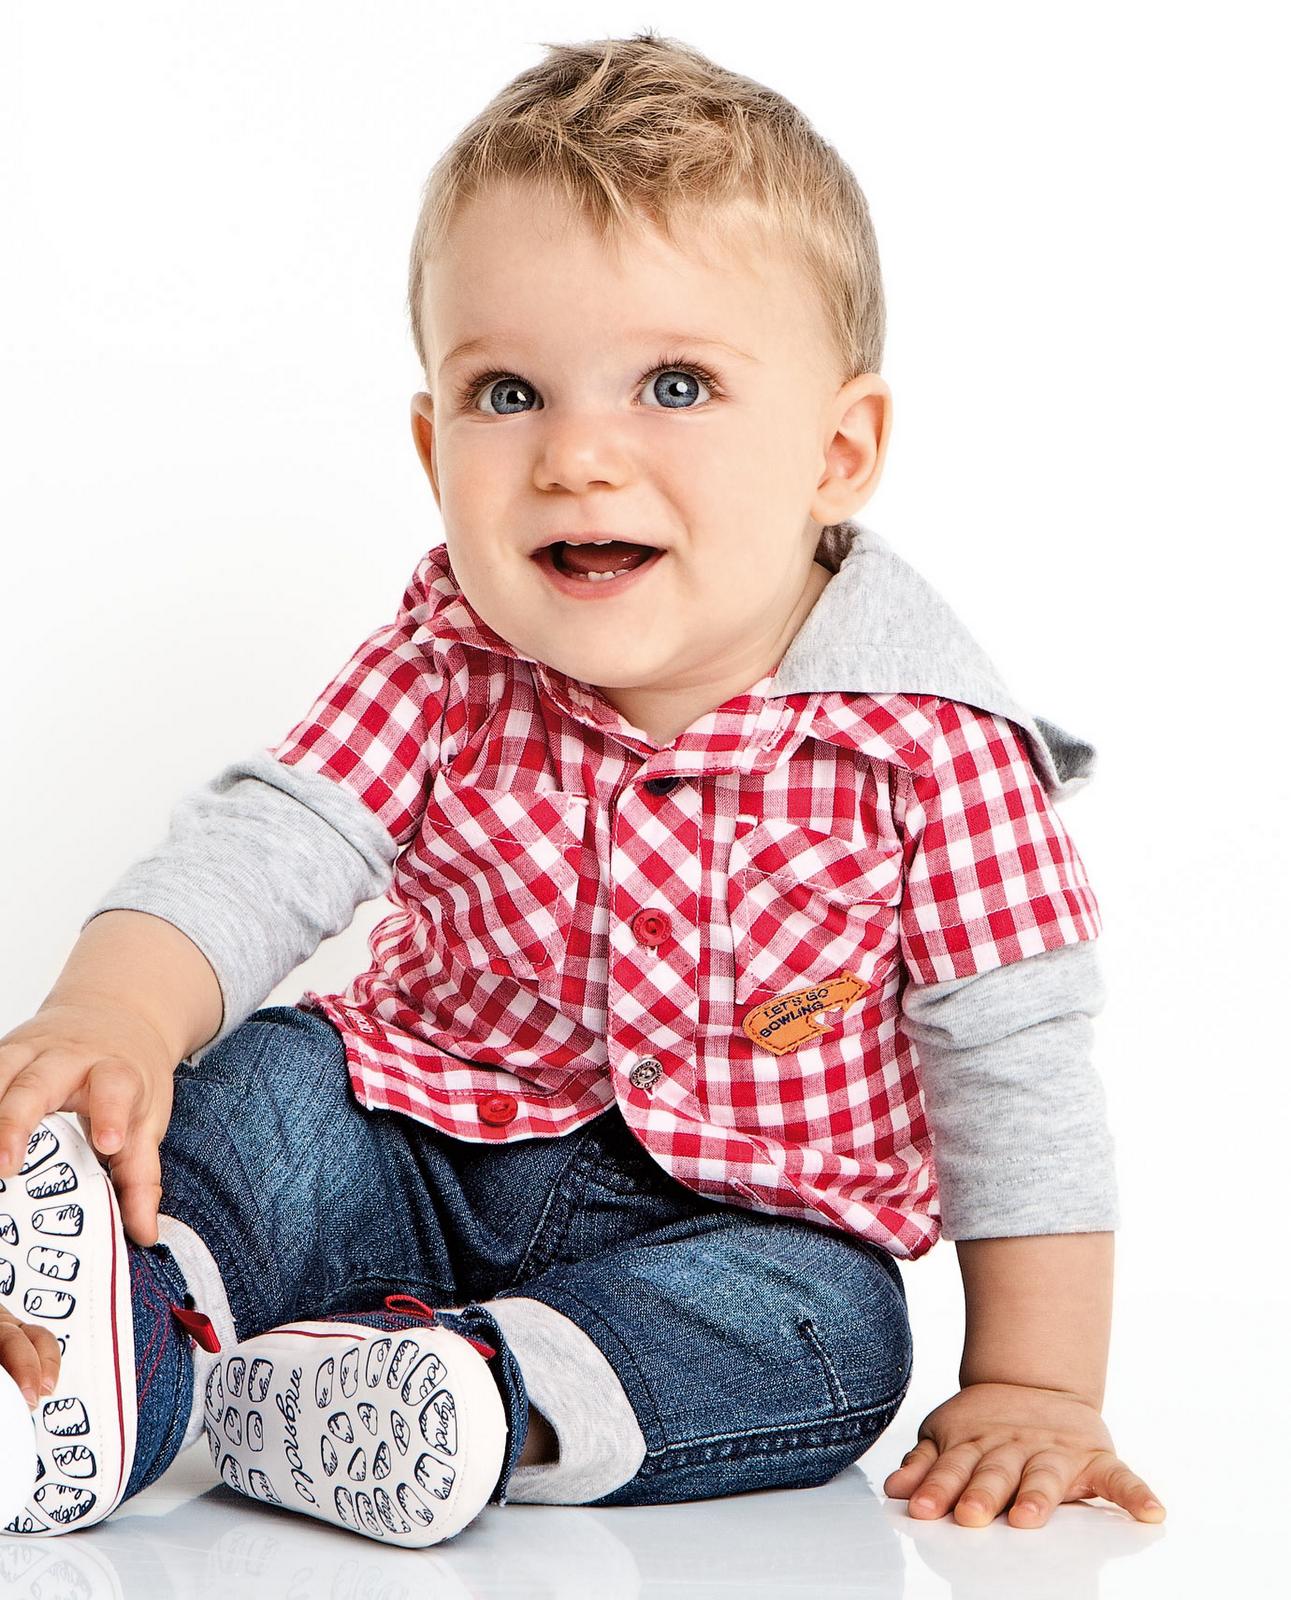 La línea BOSS presenta novedosa moda infantil para niños y niñas de entre 18 meses y 16 años. Puede elegir entre combinaciones casual, de fiesta o sport.